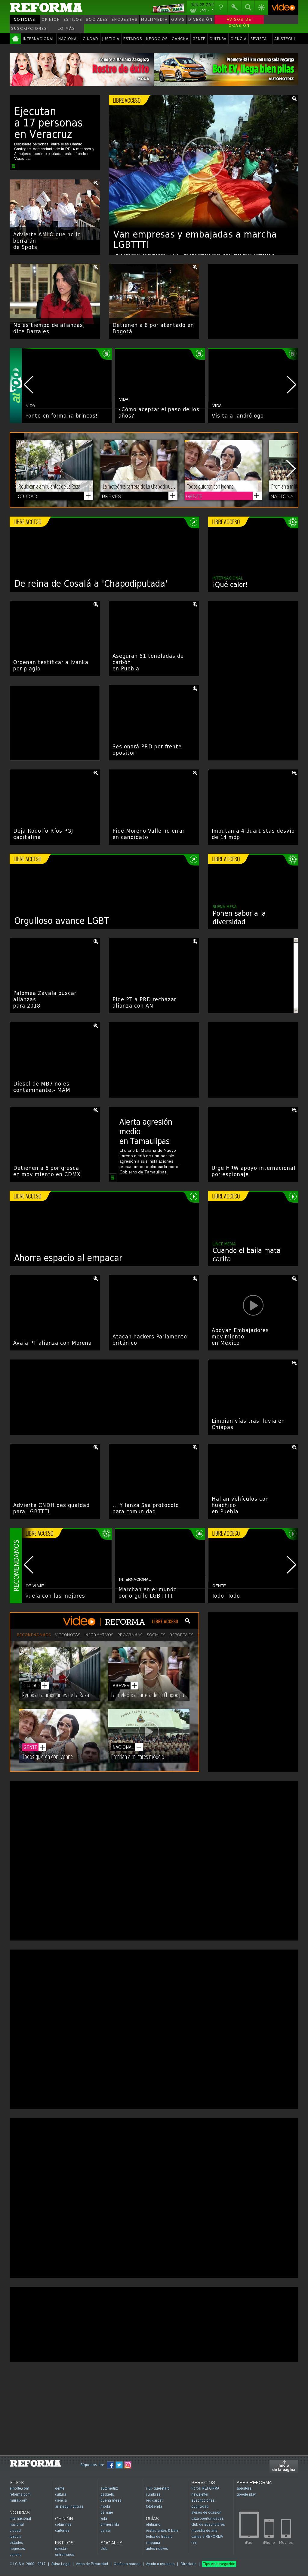 Reforma.com at Sunday June 25, 2017, 4:14 a.m. UTC